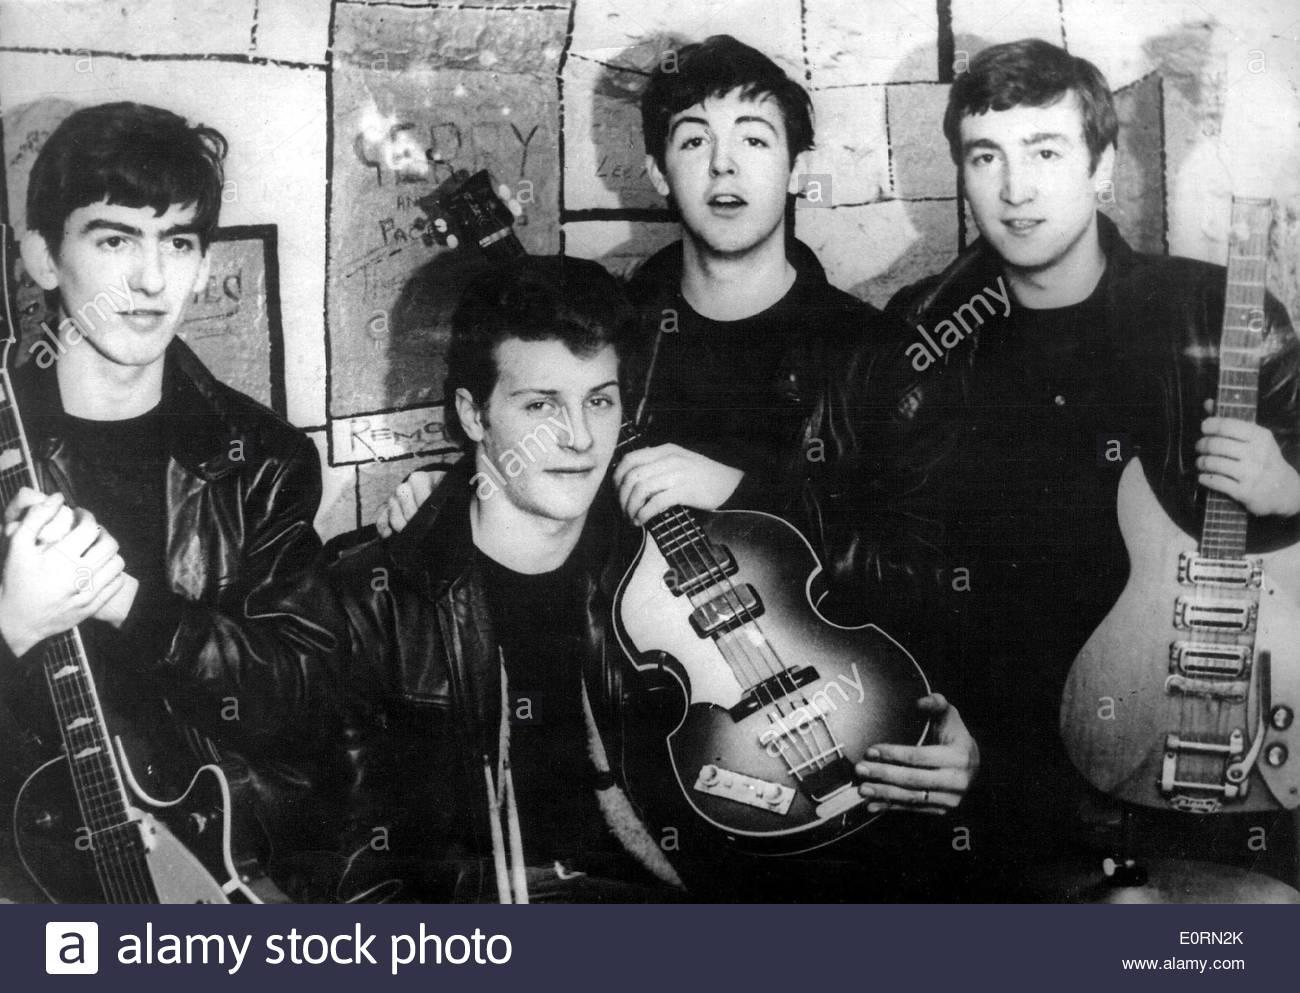 The Beatles Original Members George Harrison Pete Best